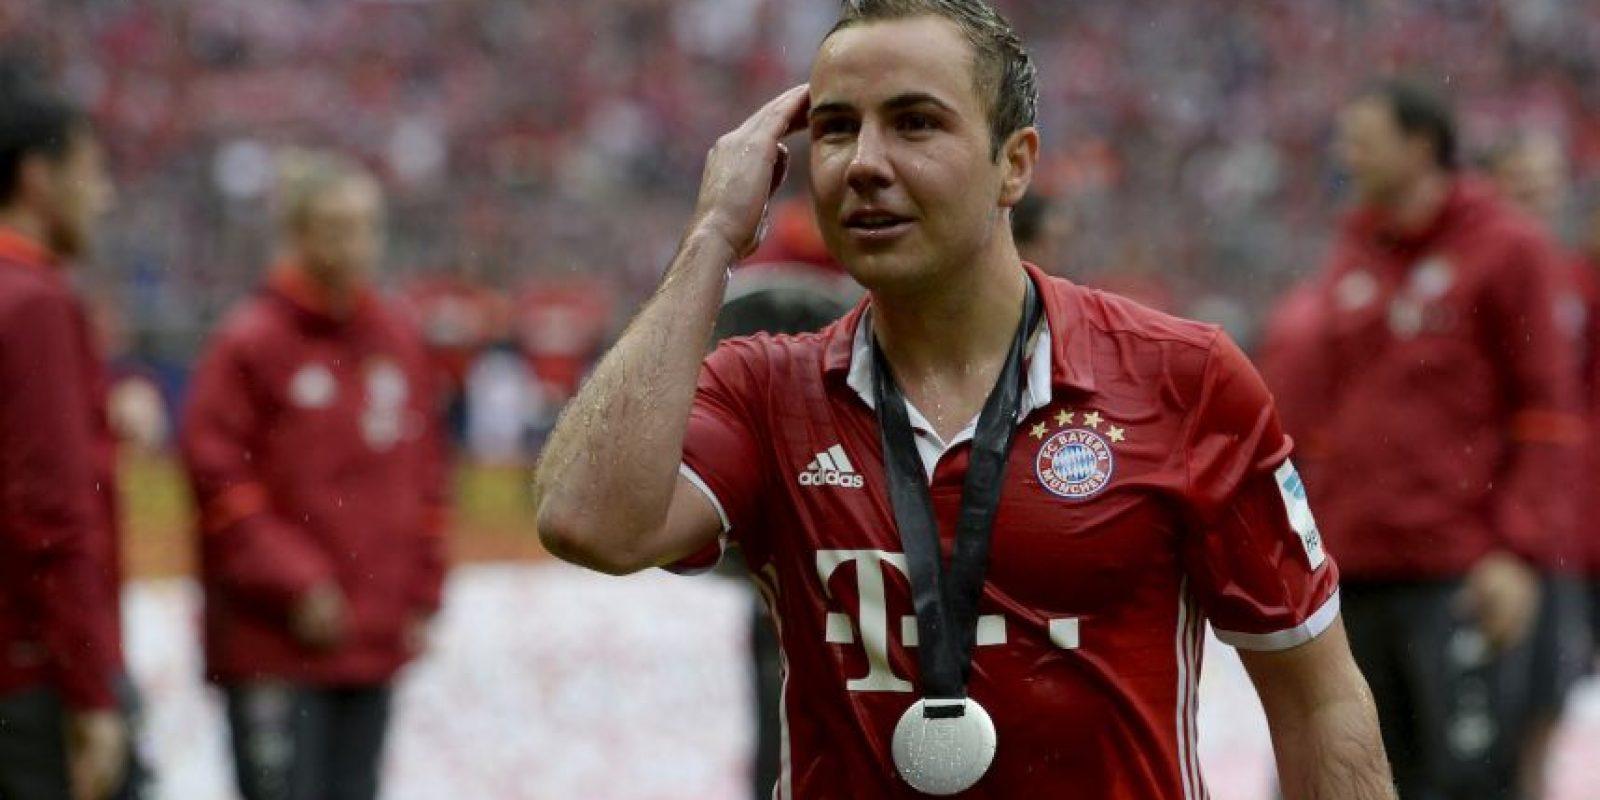 Luego de tres temporadas en Bayern Munich, Mario Gotze retorna a Borussia Dortmund Foto:Getty Images